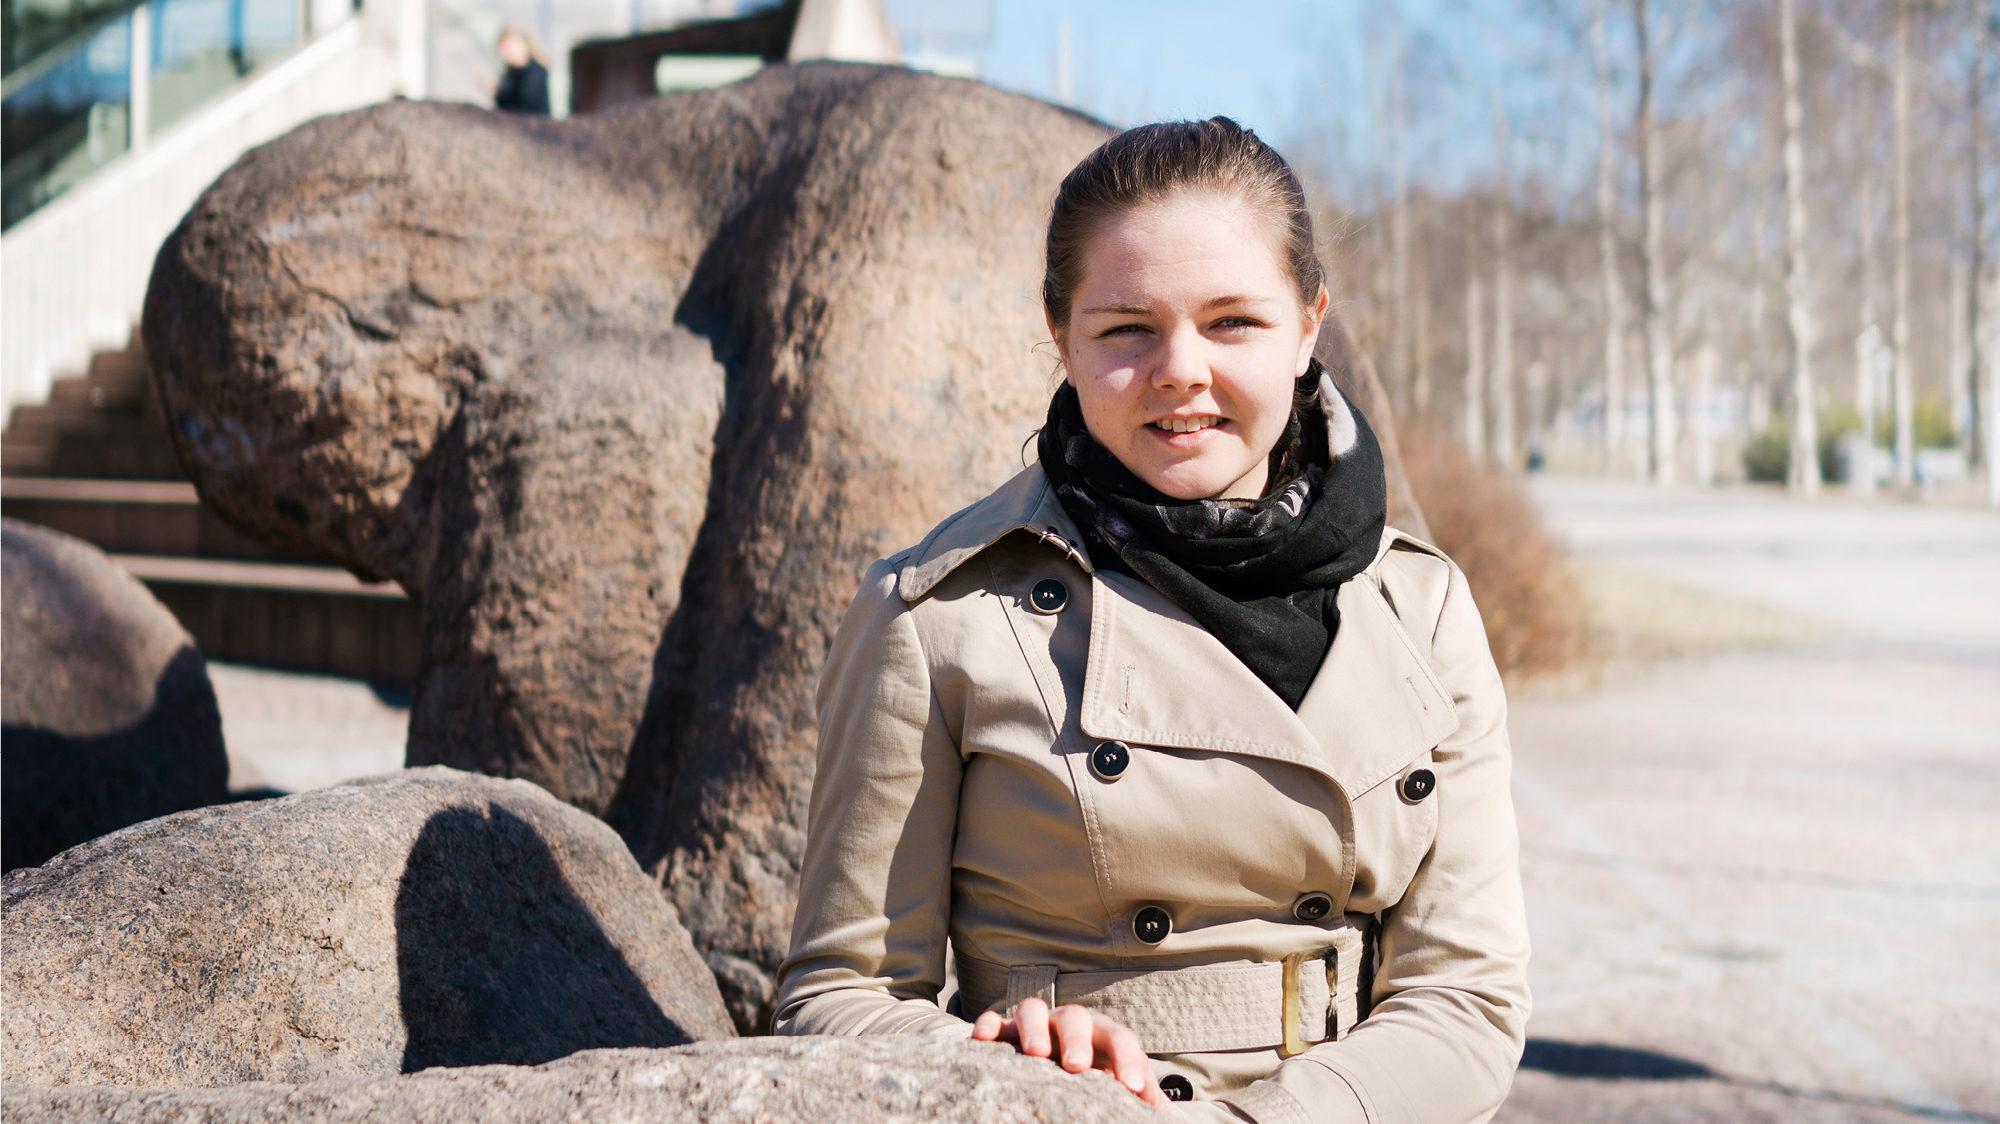 Maija Leino on JUKOn tekkiläinen luottamusmies ja edustaa Lappeenrannan teknillisessä yliopistossa nuorempia tutkijoita.